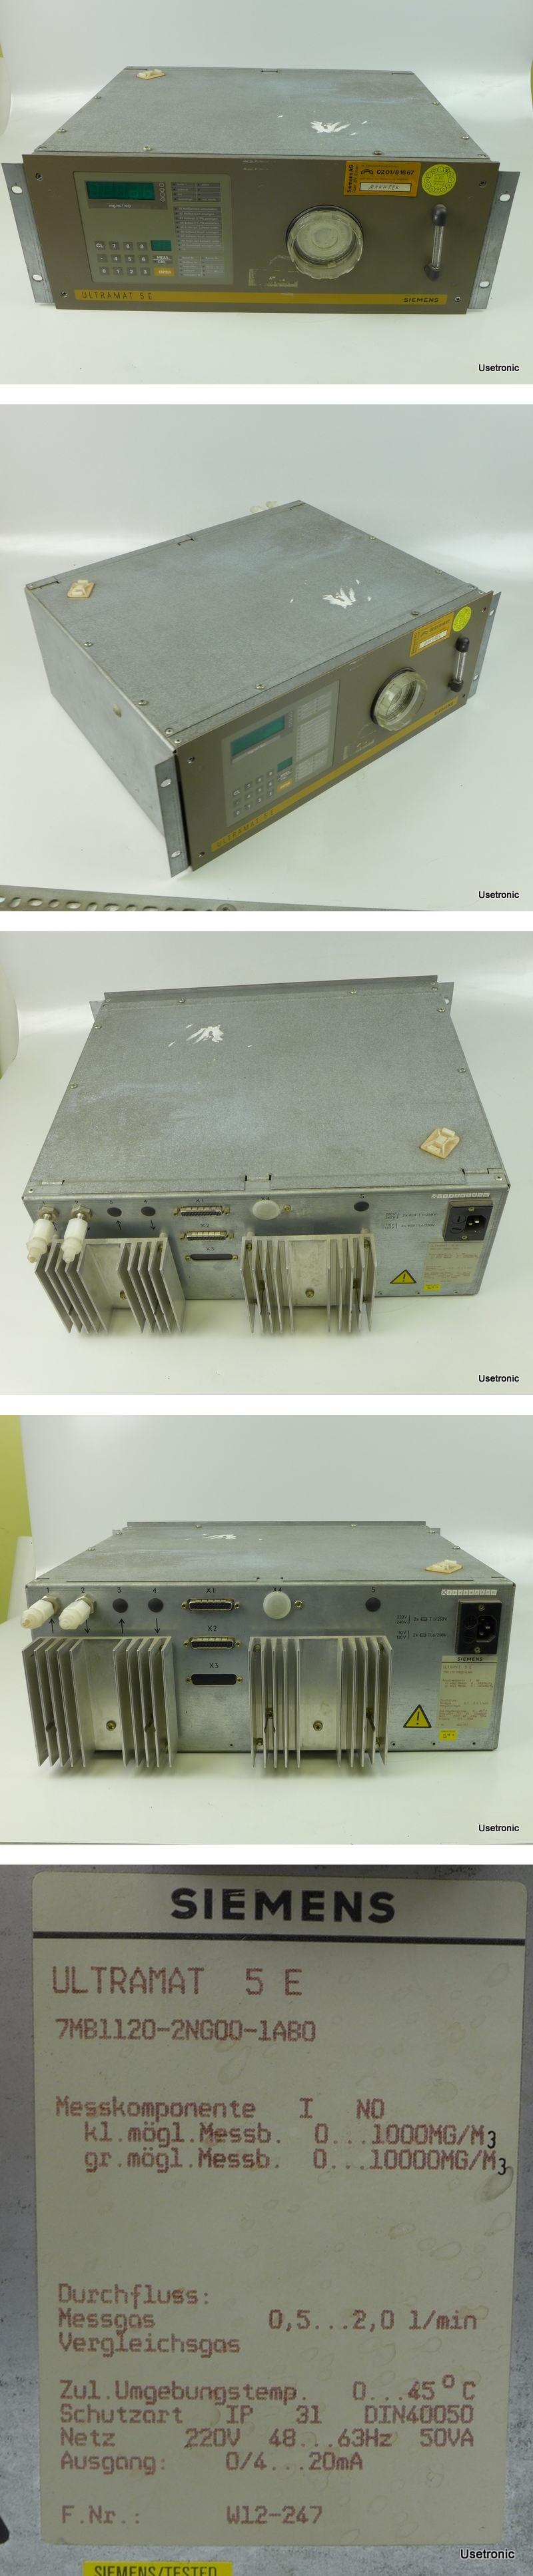 Siemens 7MB1120-2NG00-1AB0